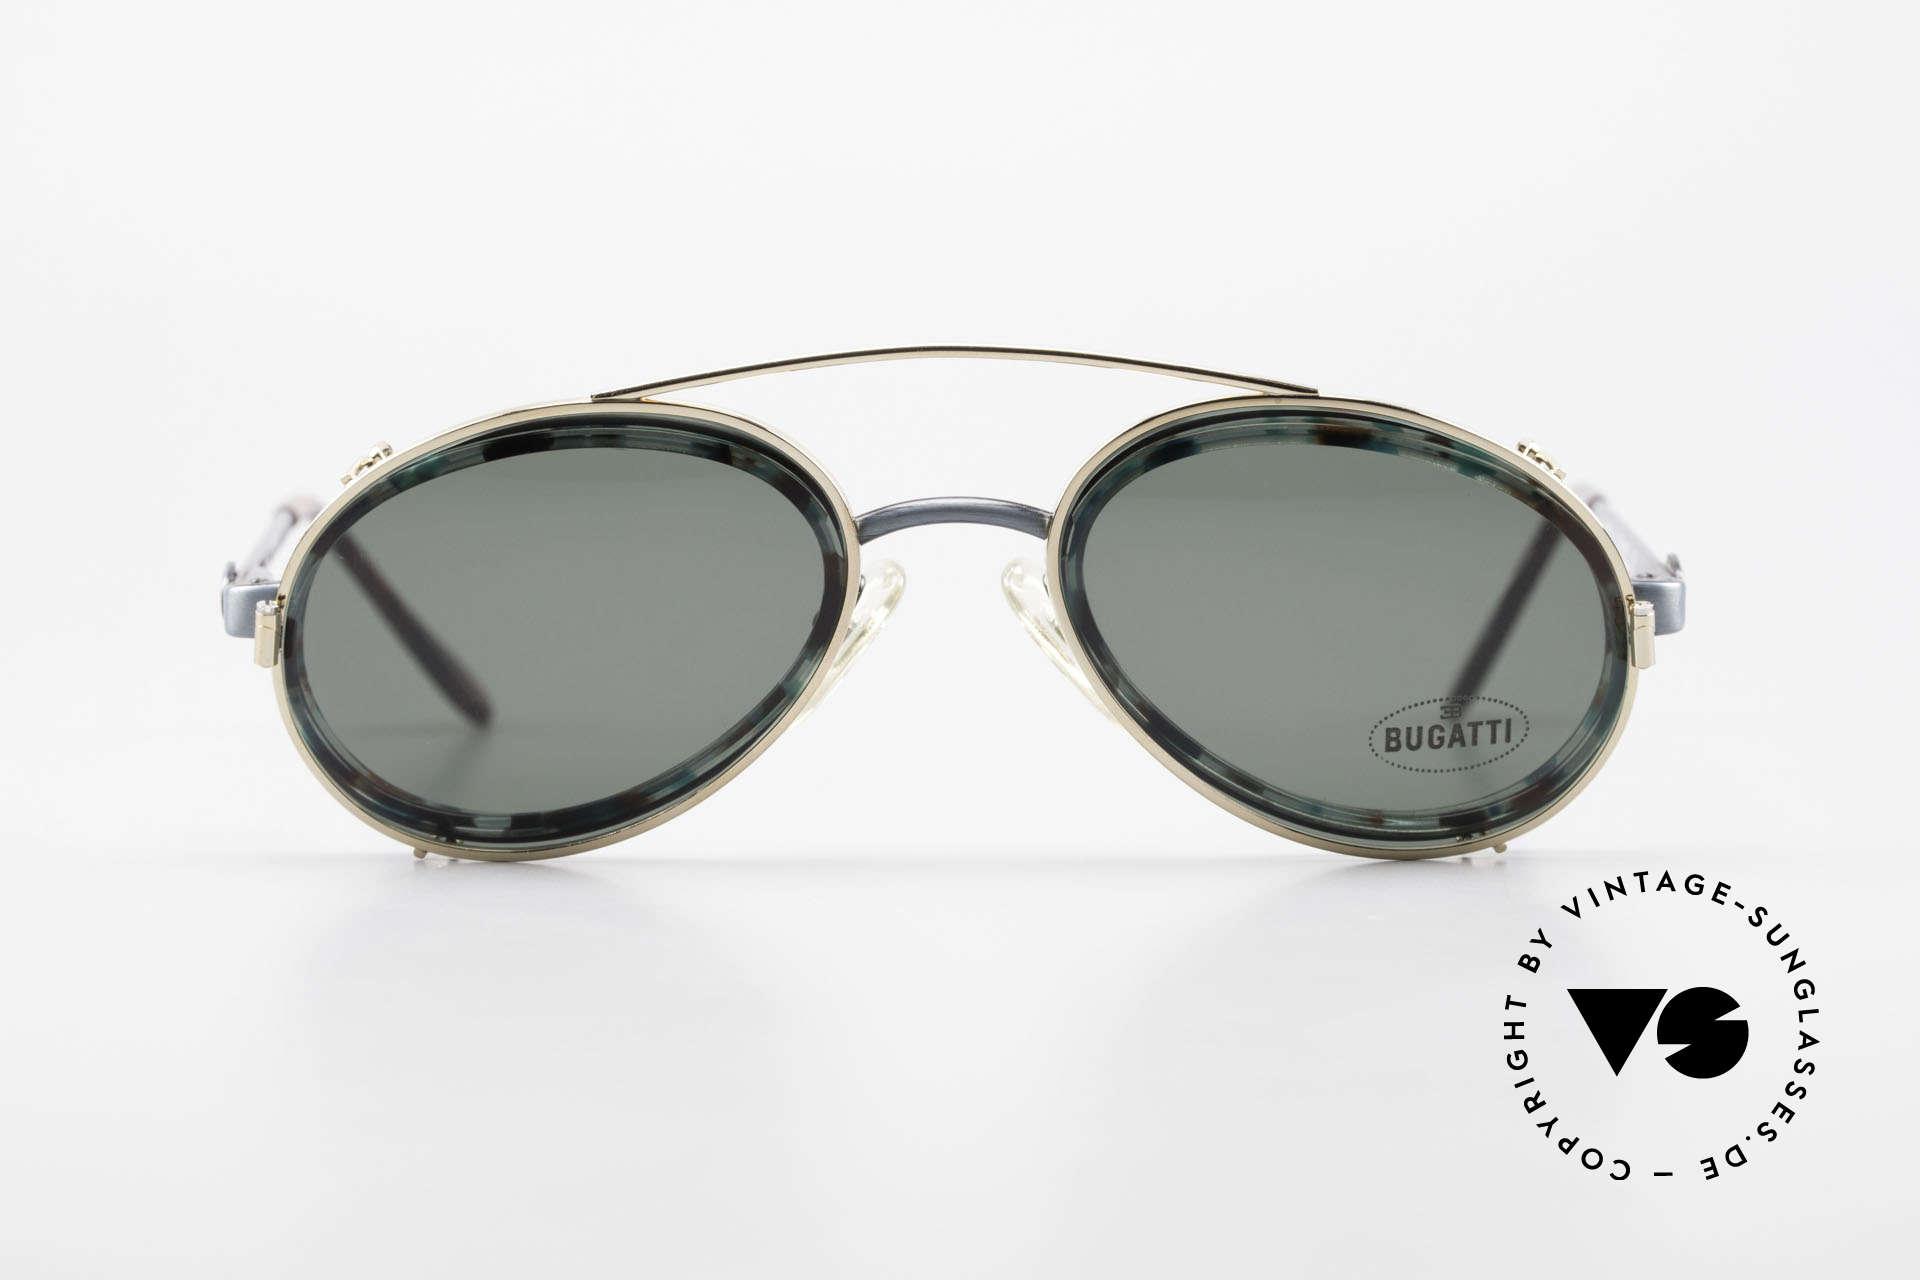 Bugatti 05728T 90er Herrenbrille Sonnen Clip, altes 90er Original mit interessantem Rahmenmuster, Passend für Herren